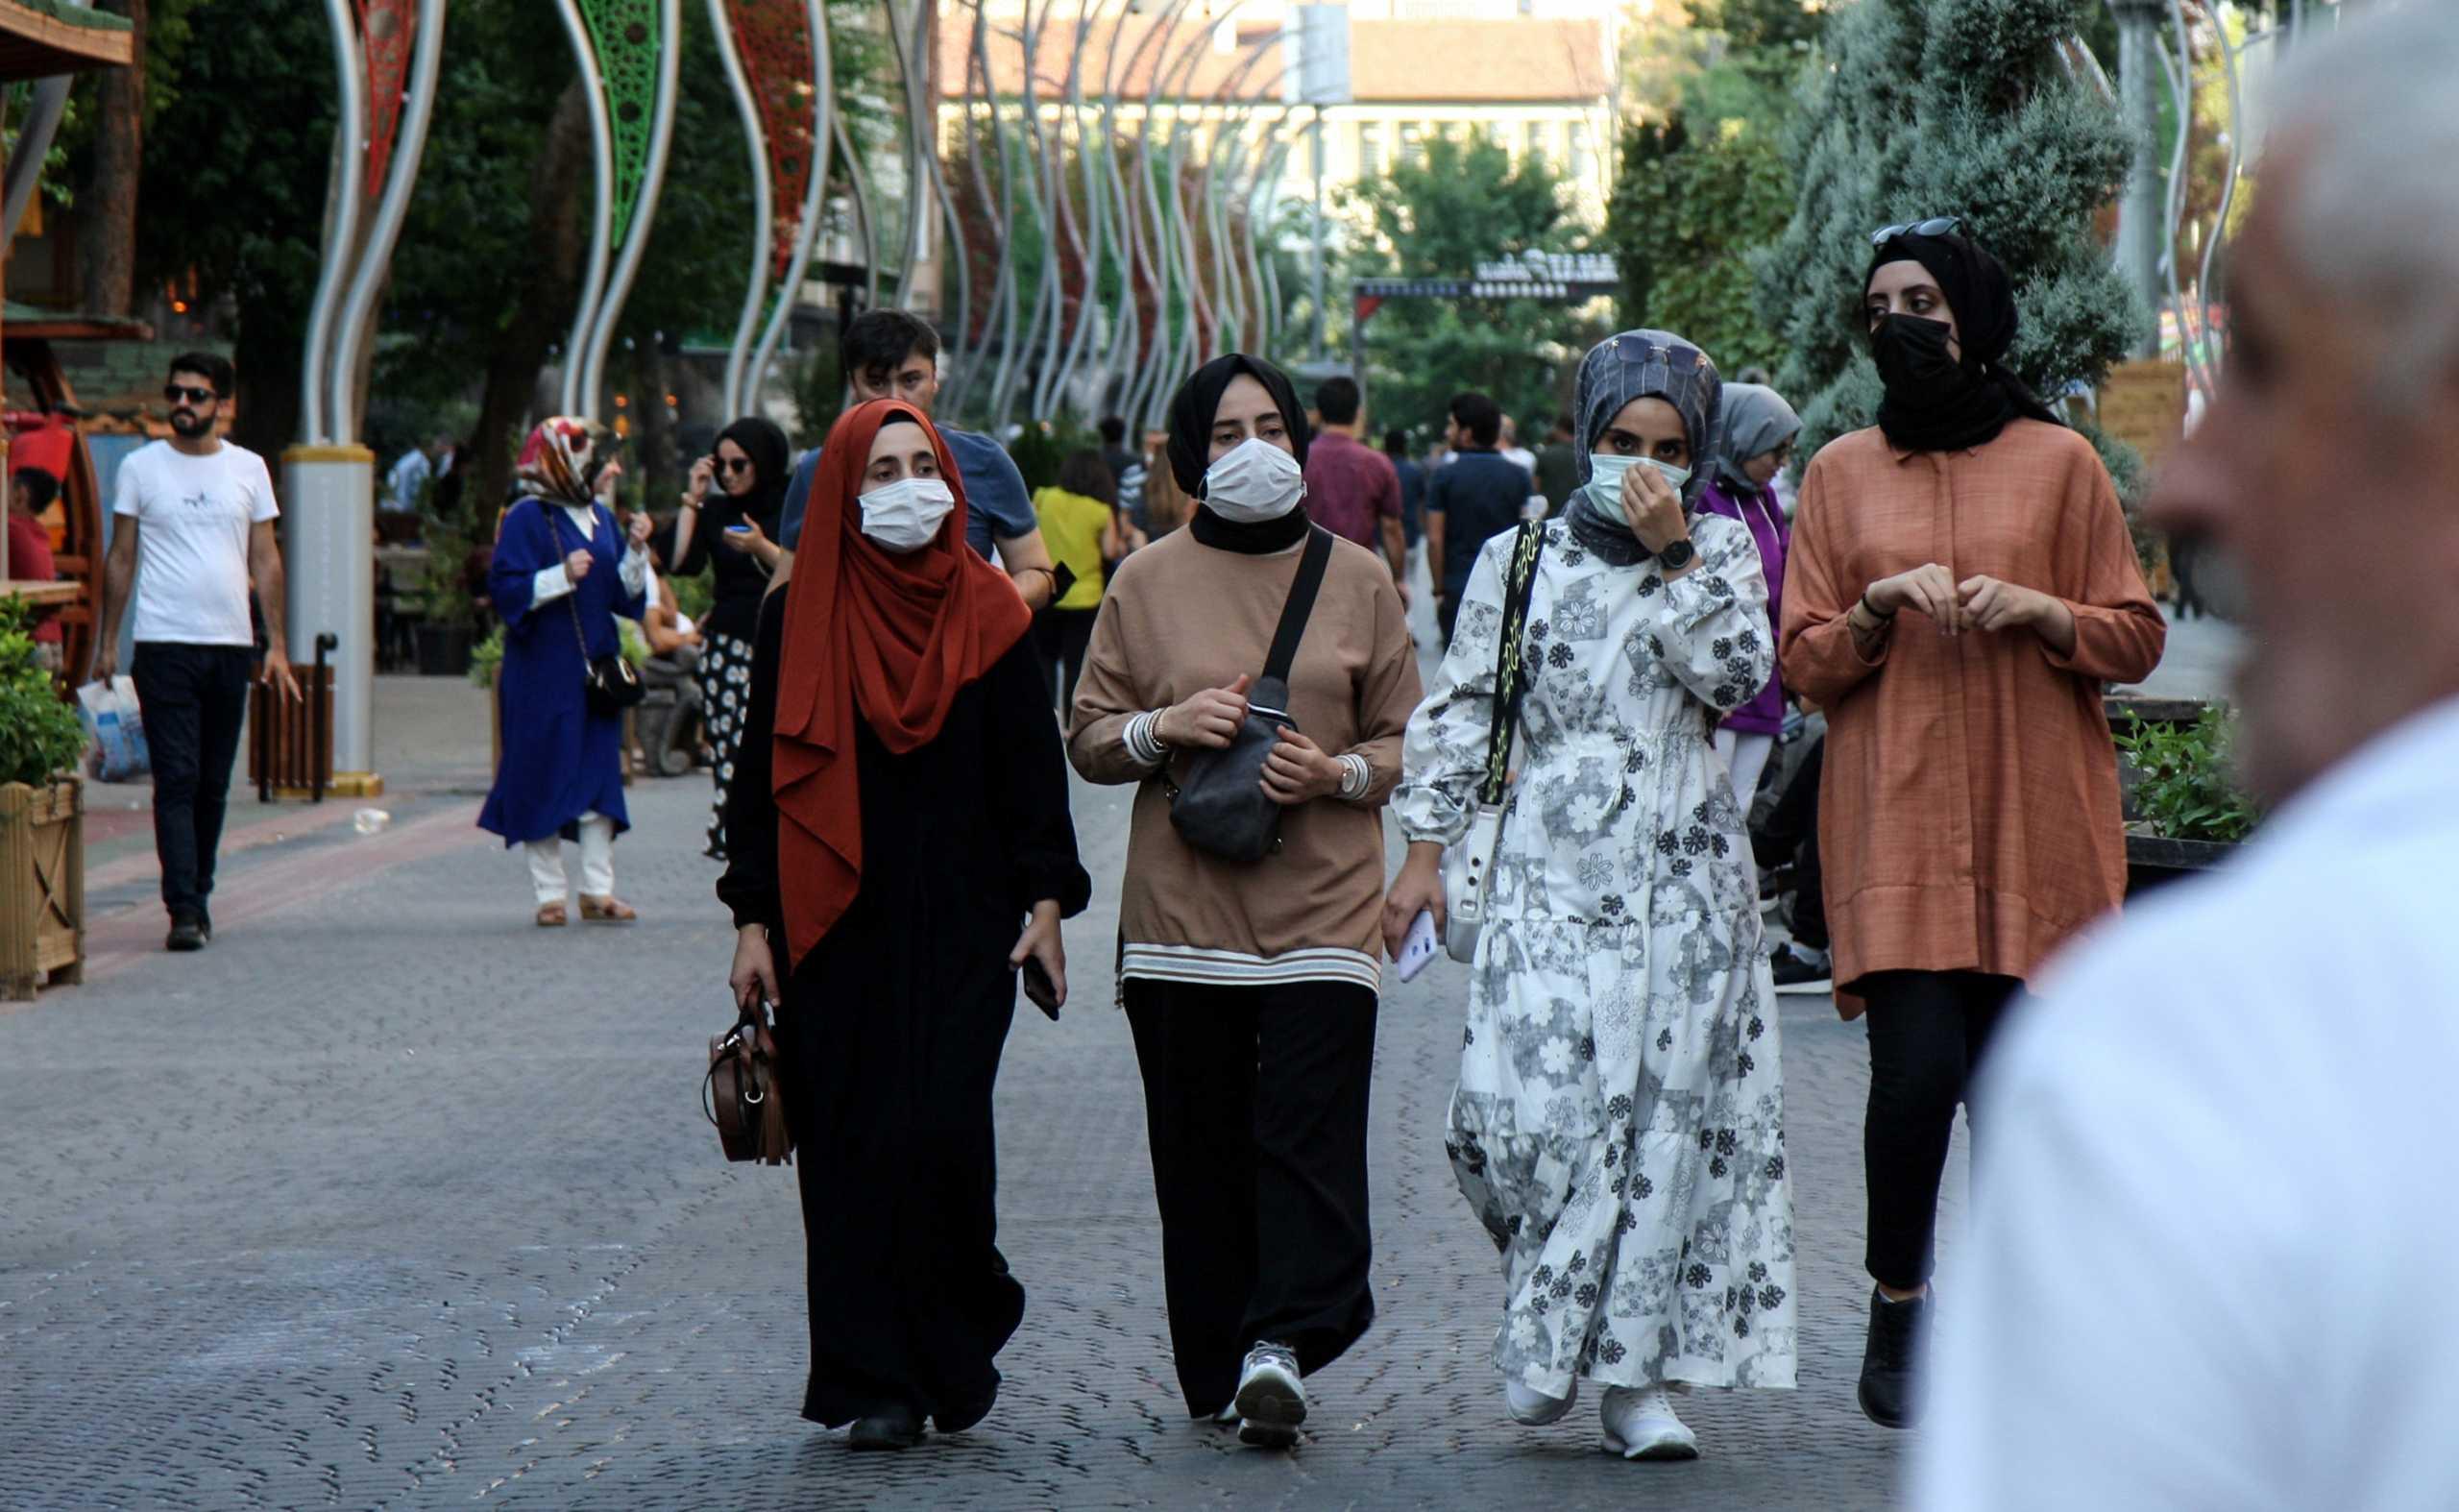 108 νεκροί και πάνω από 24.000 κρούσματα κορονοϊού στην Τουρκία σε 24 ώρες